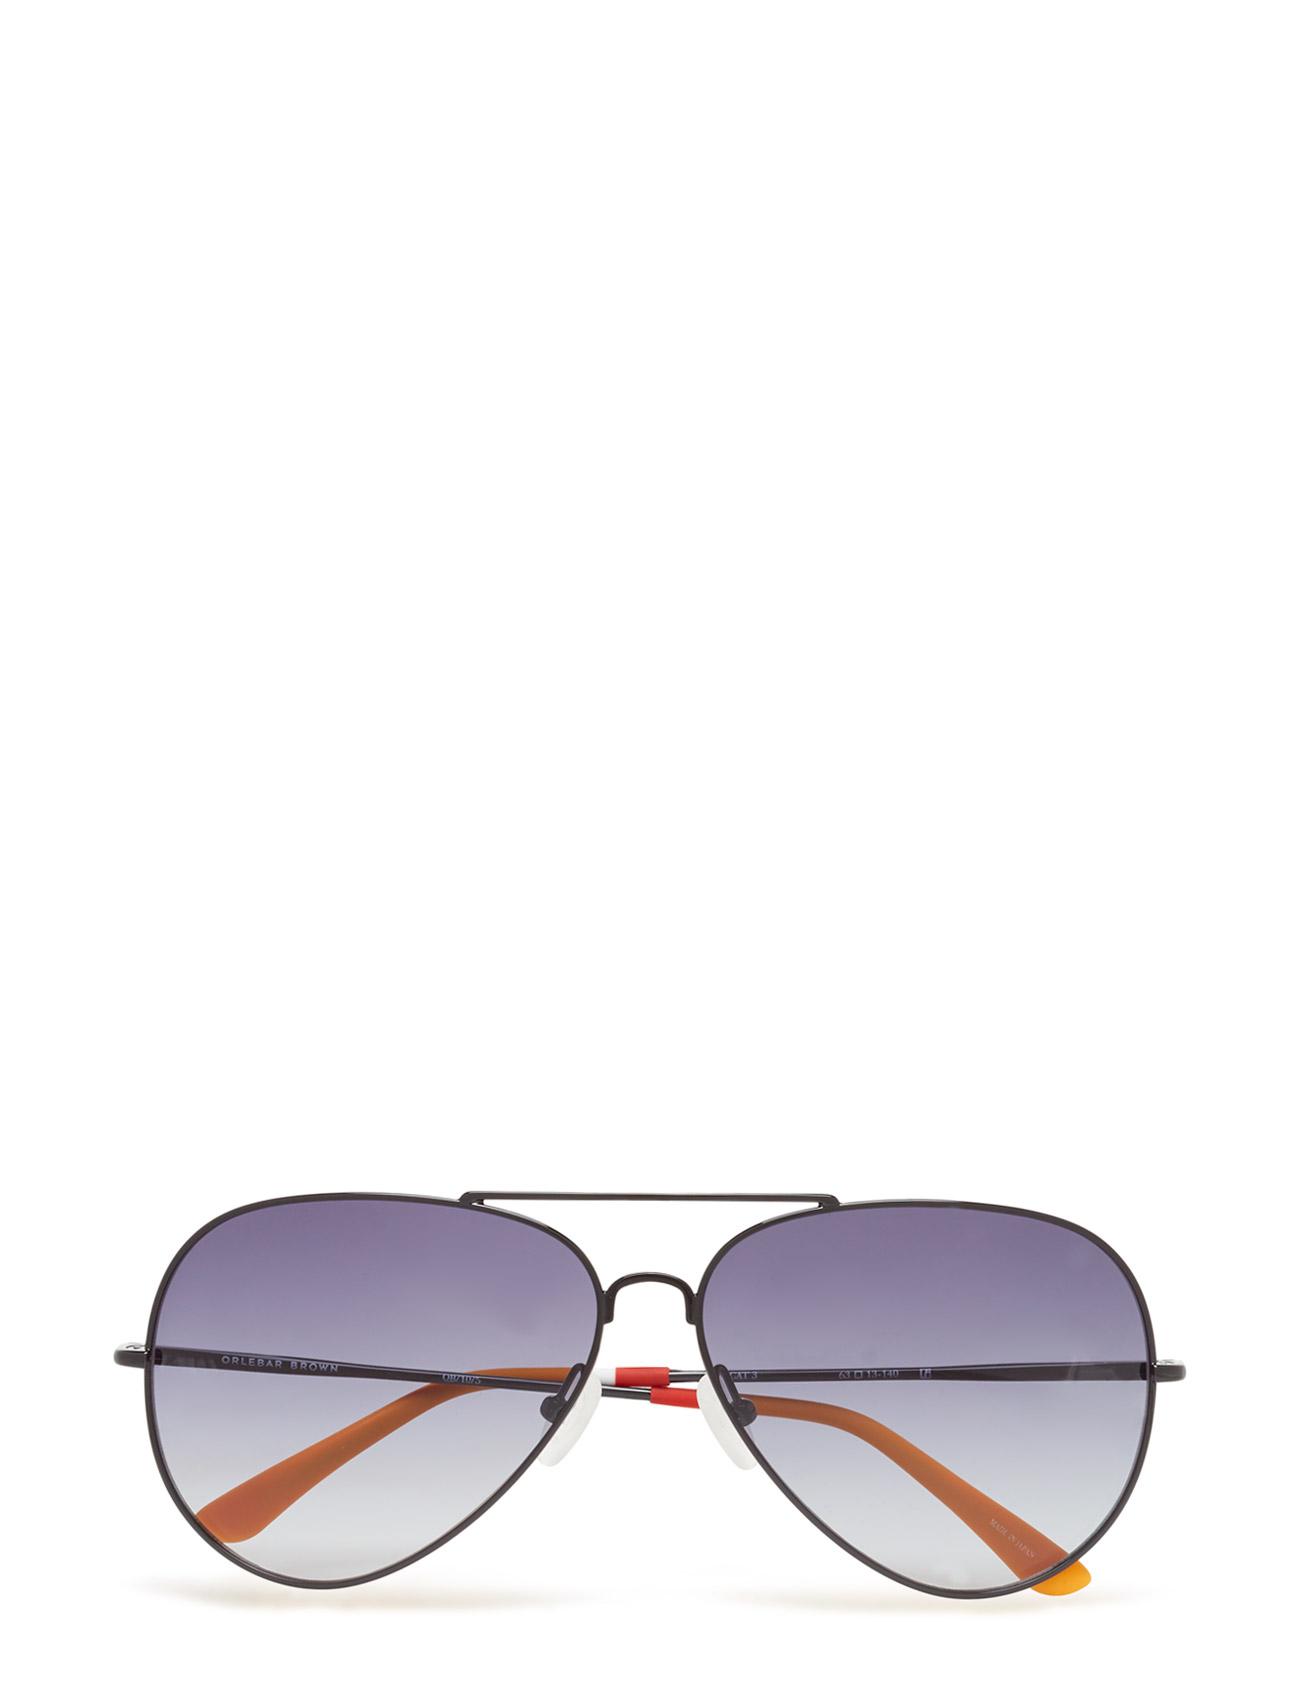 Orlebar Brown Sunglasses Orlebar Brown 10 C5 239234478